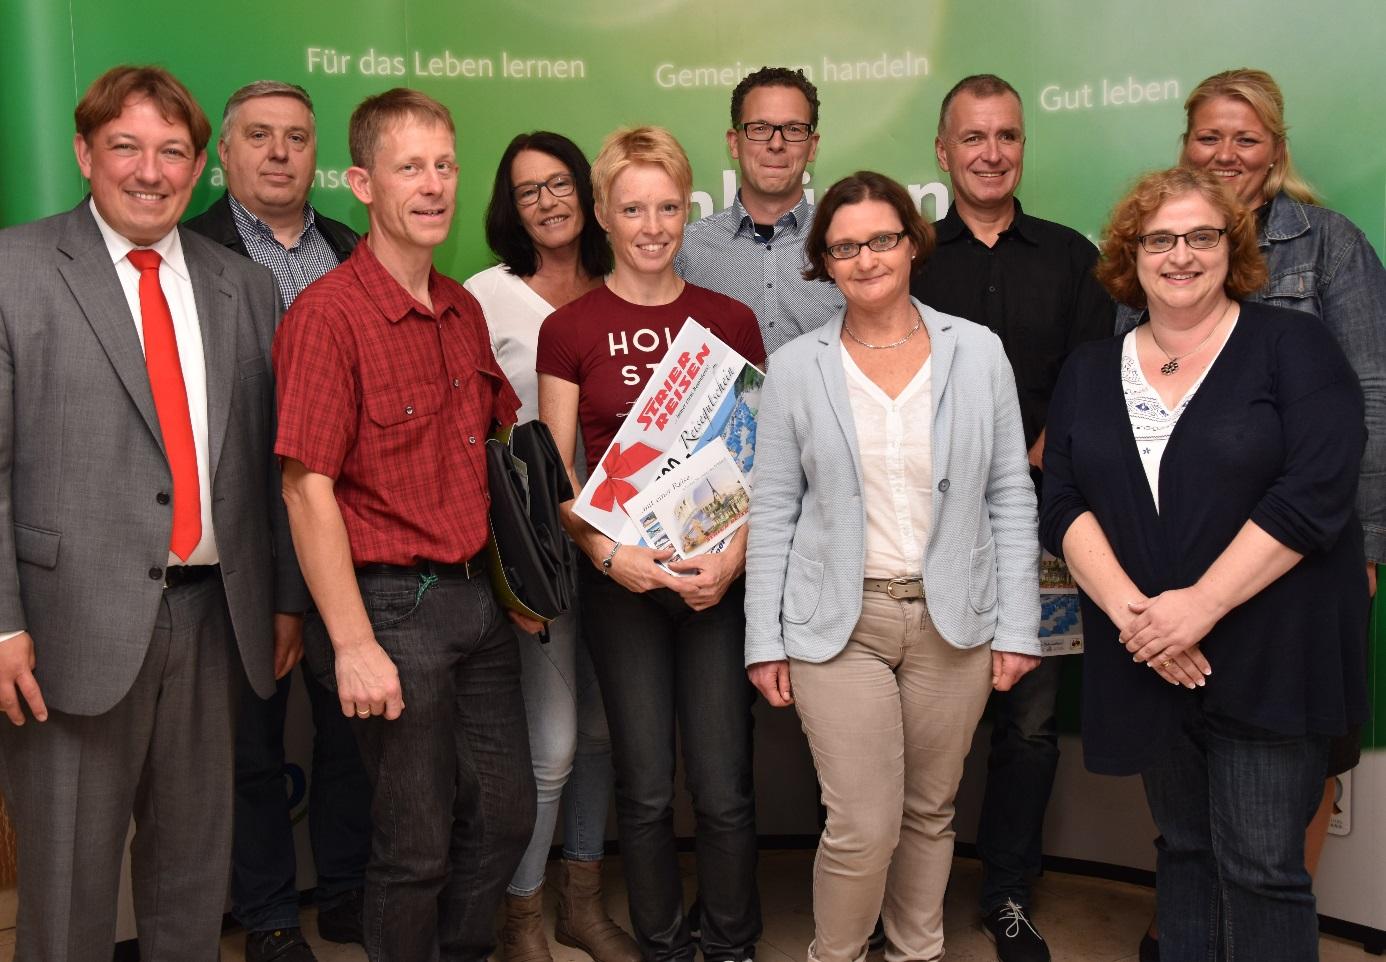 Michael Schrameyer (2.v.links vorne), Anne Krabbe (3.v.links vorne) und Rolf Bauschulte (2.v.rechts hinten), die drei aktivsten Radfahrer von STADTRADELN in Ibbenbüren, freuen sich über ihre Preise. Die Veranstalter und Sponsoren der Aktion, Bürgermeister Dr. Marc Schrameyer (1.v.links), Franz-Josef Feldkämper/Zweirad Feldkämper (2.v.links hinten), Sigrid Meyer/Owerfeld & Meyer (3.v.links hinten), Thomas Strier/Strier Reisen (4.v.links hinten), Verena Ridder/Stadtmarketing Ibbenbüren GmbH (rechts hinten), Birgit Kolmer/Fahrradbörse (rechts vorne) und Sabine Simikin-Escher/Stadtmarketing Ibbenbüren GmbH (2.v.rechts) gratulieren zu den Leistungen.